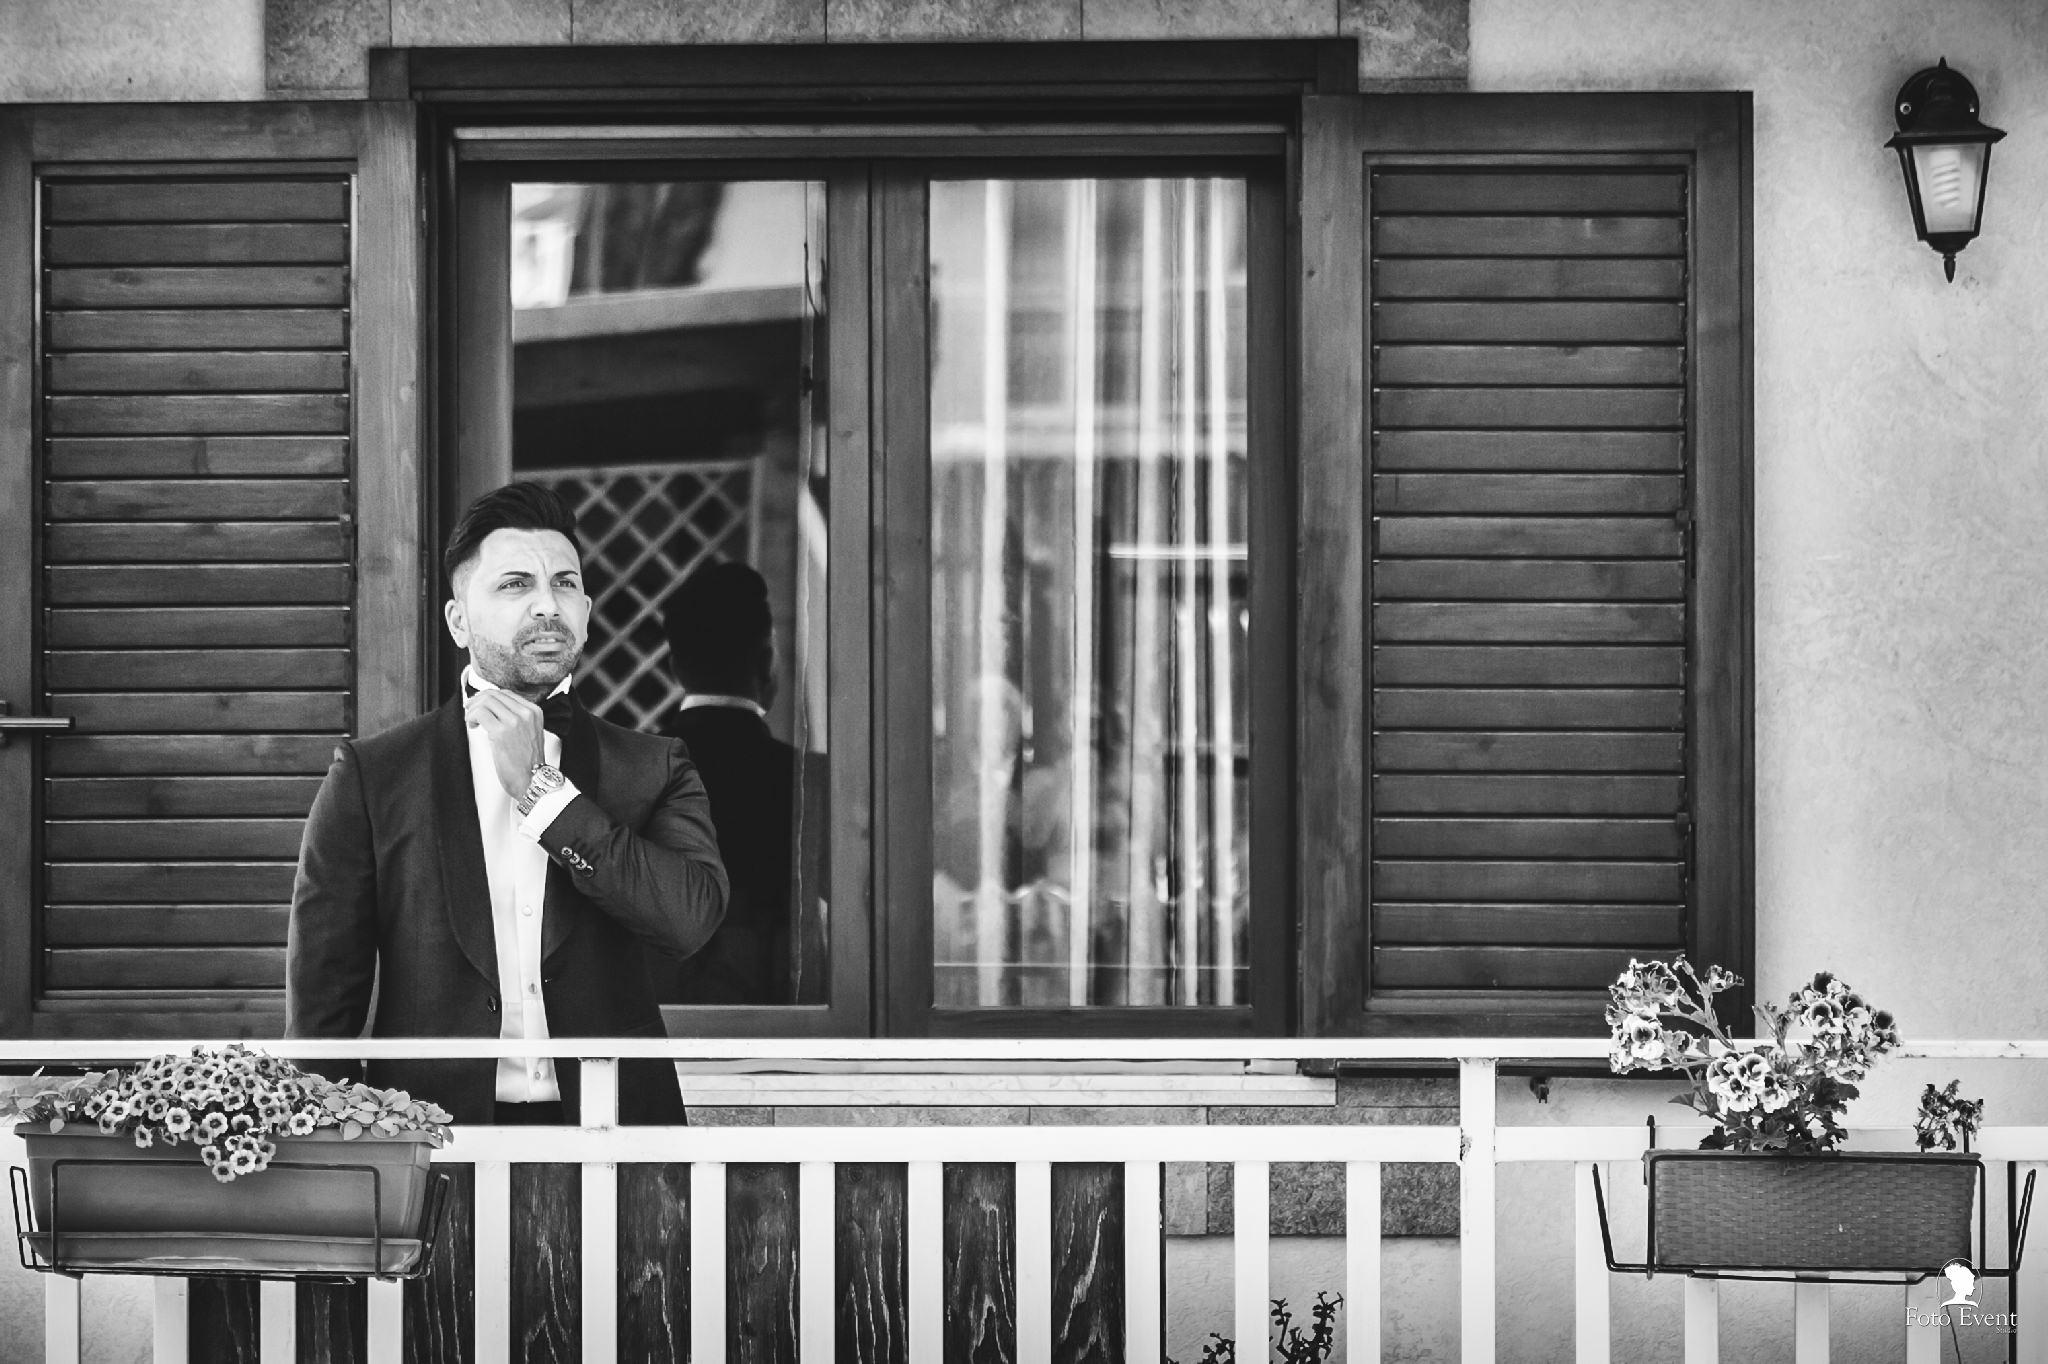 041-2019-05-09-Matrimonio-Maria-Concetta-e-Daniel-Gebbia-5DE-087-Edit